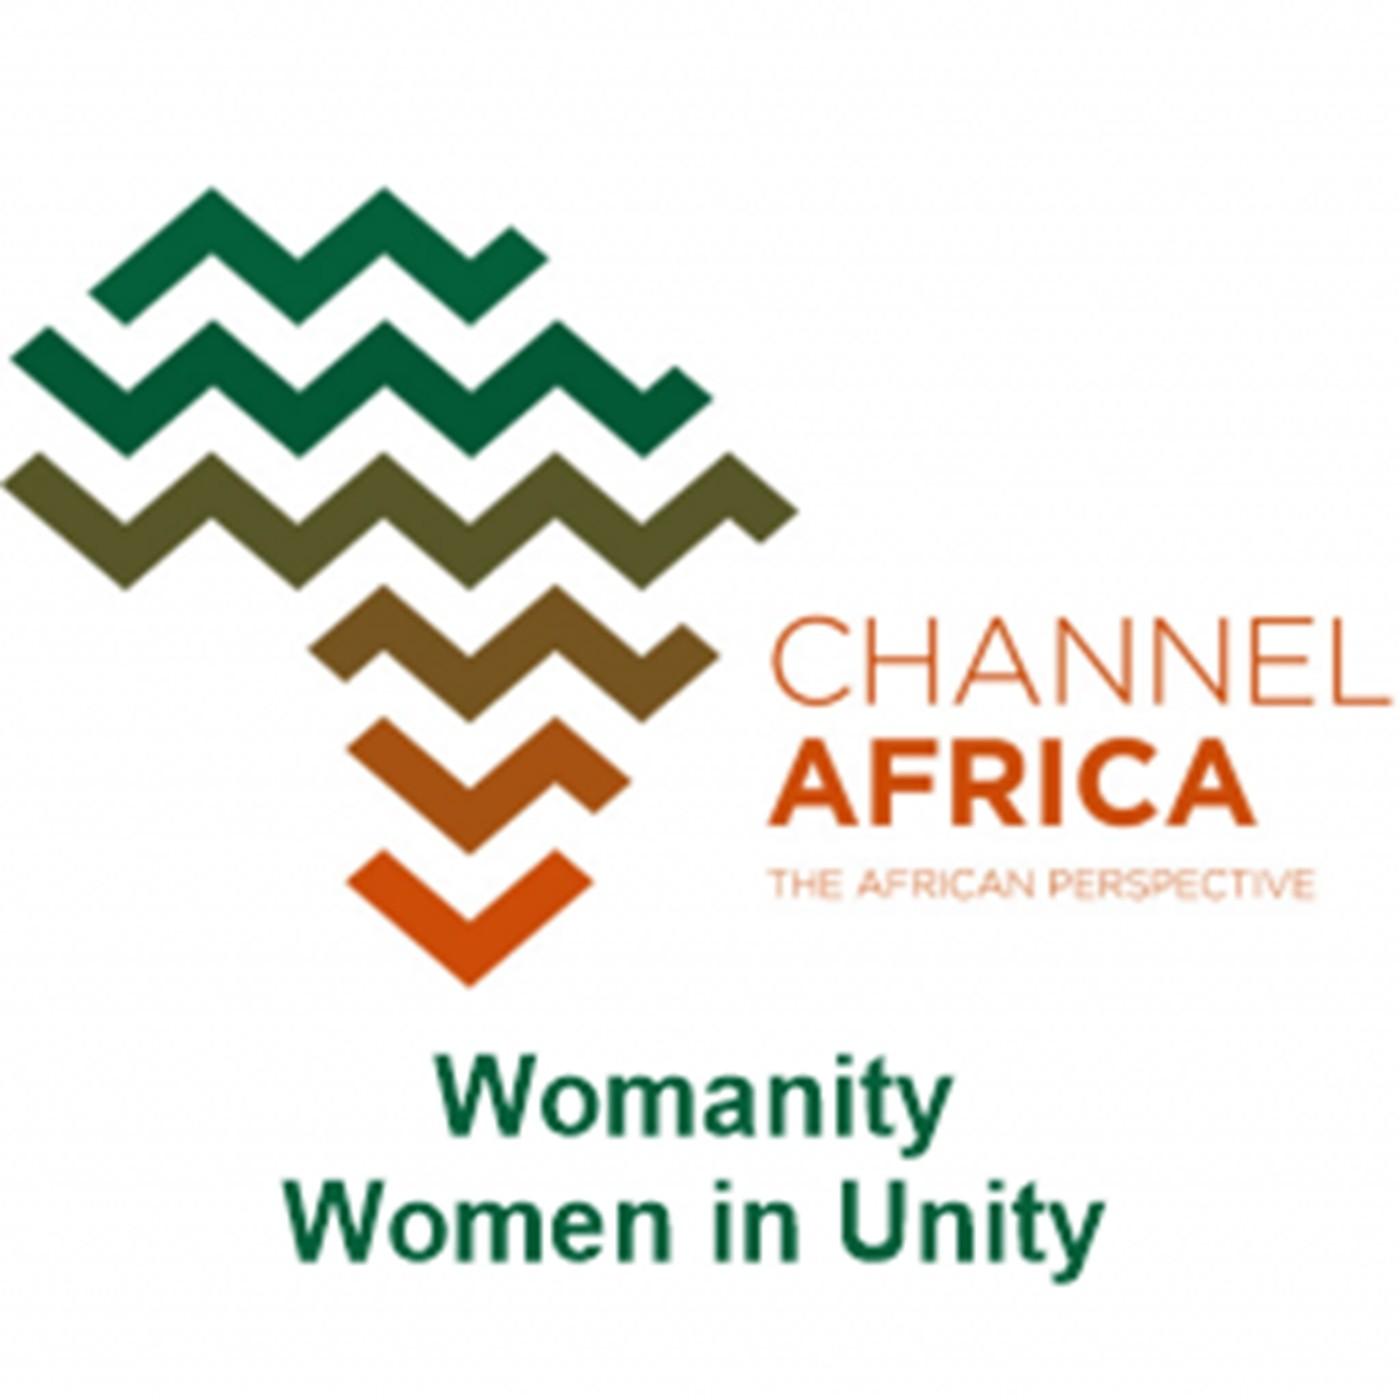 Womanity - Women in Unity